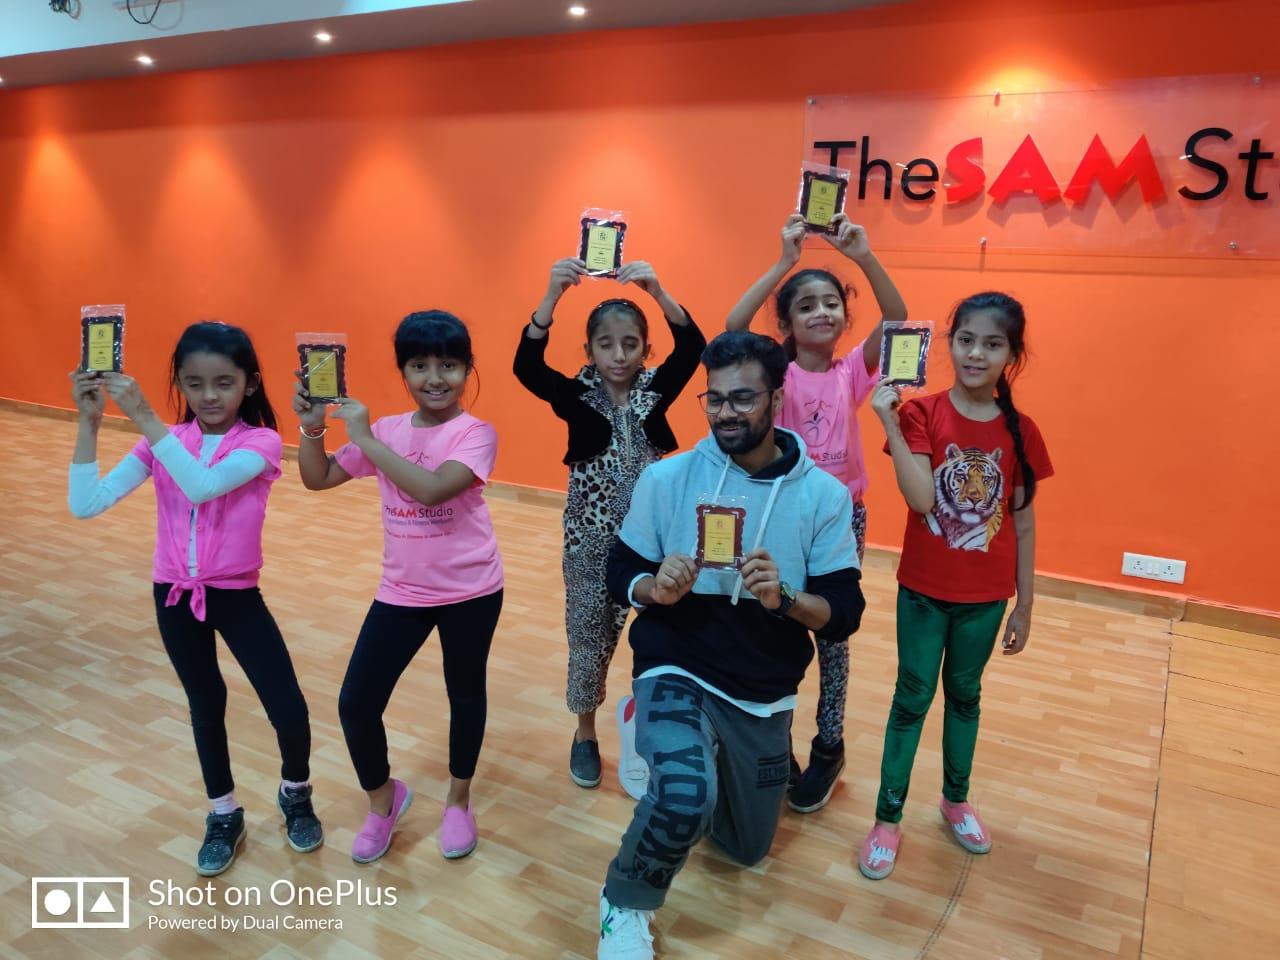 dance classes for kids in vasant kunj